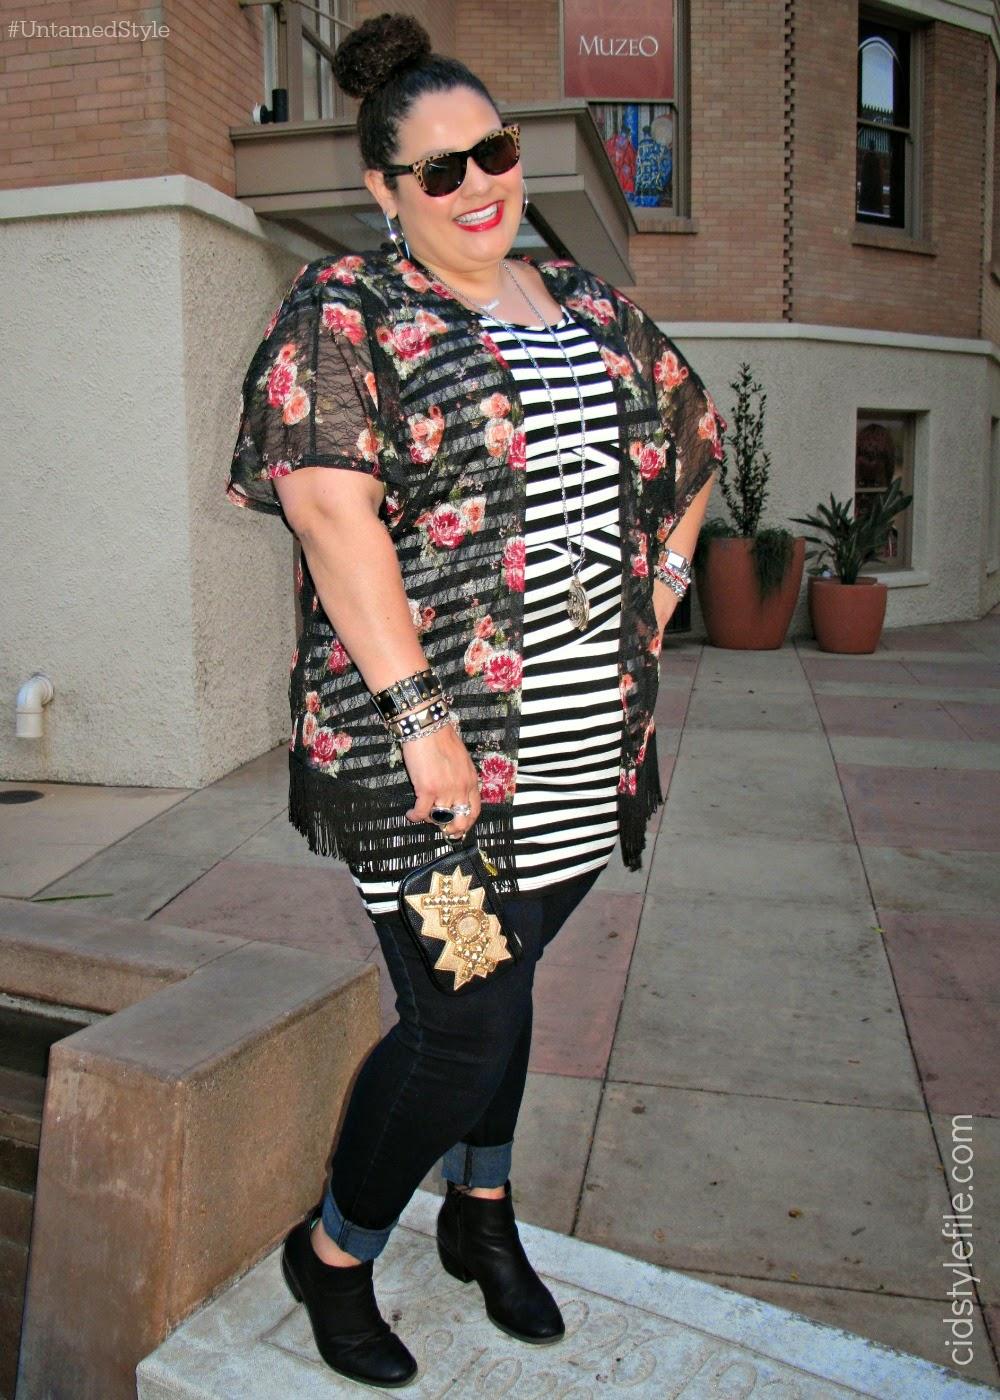 betsey johnson, style icon, plus size fashion, latina blogger, untamed style, cidstylefile